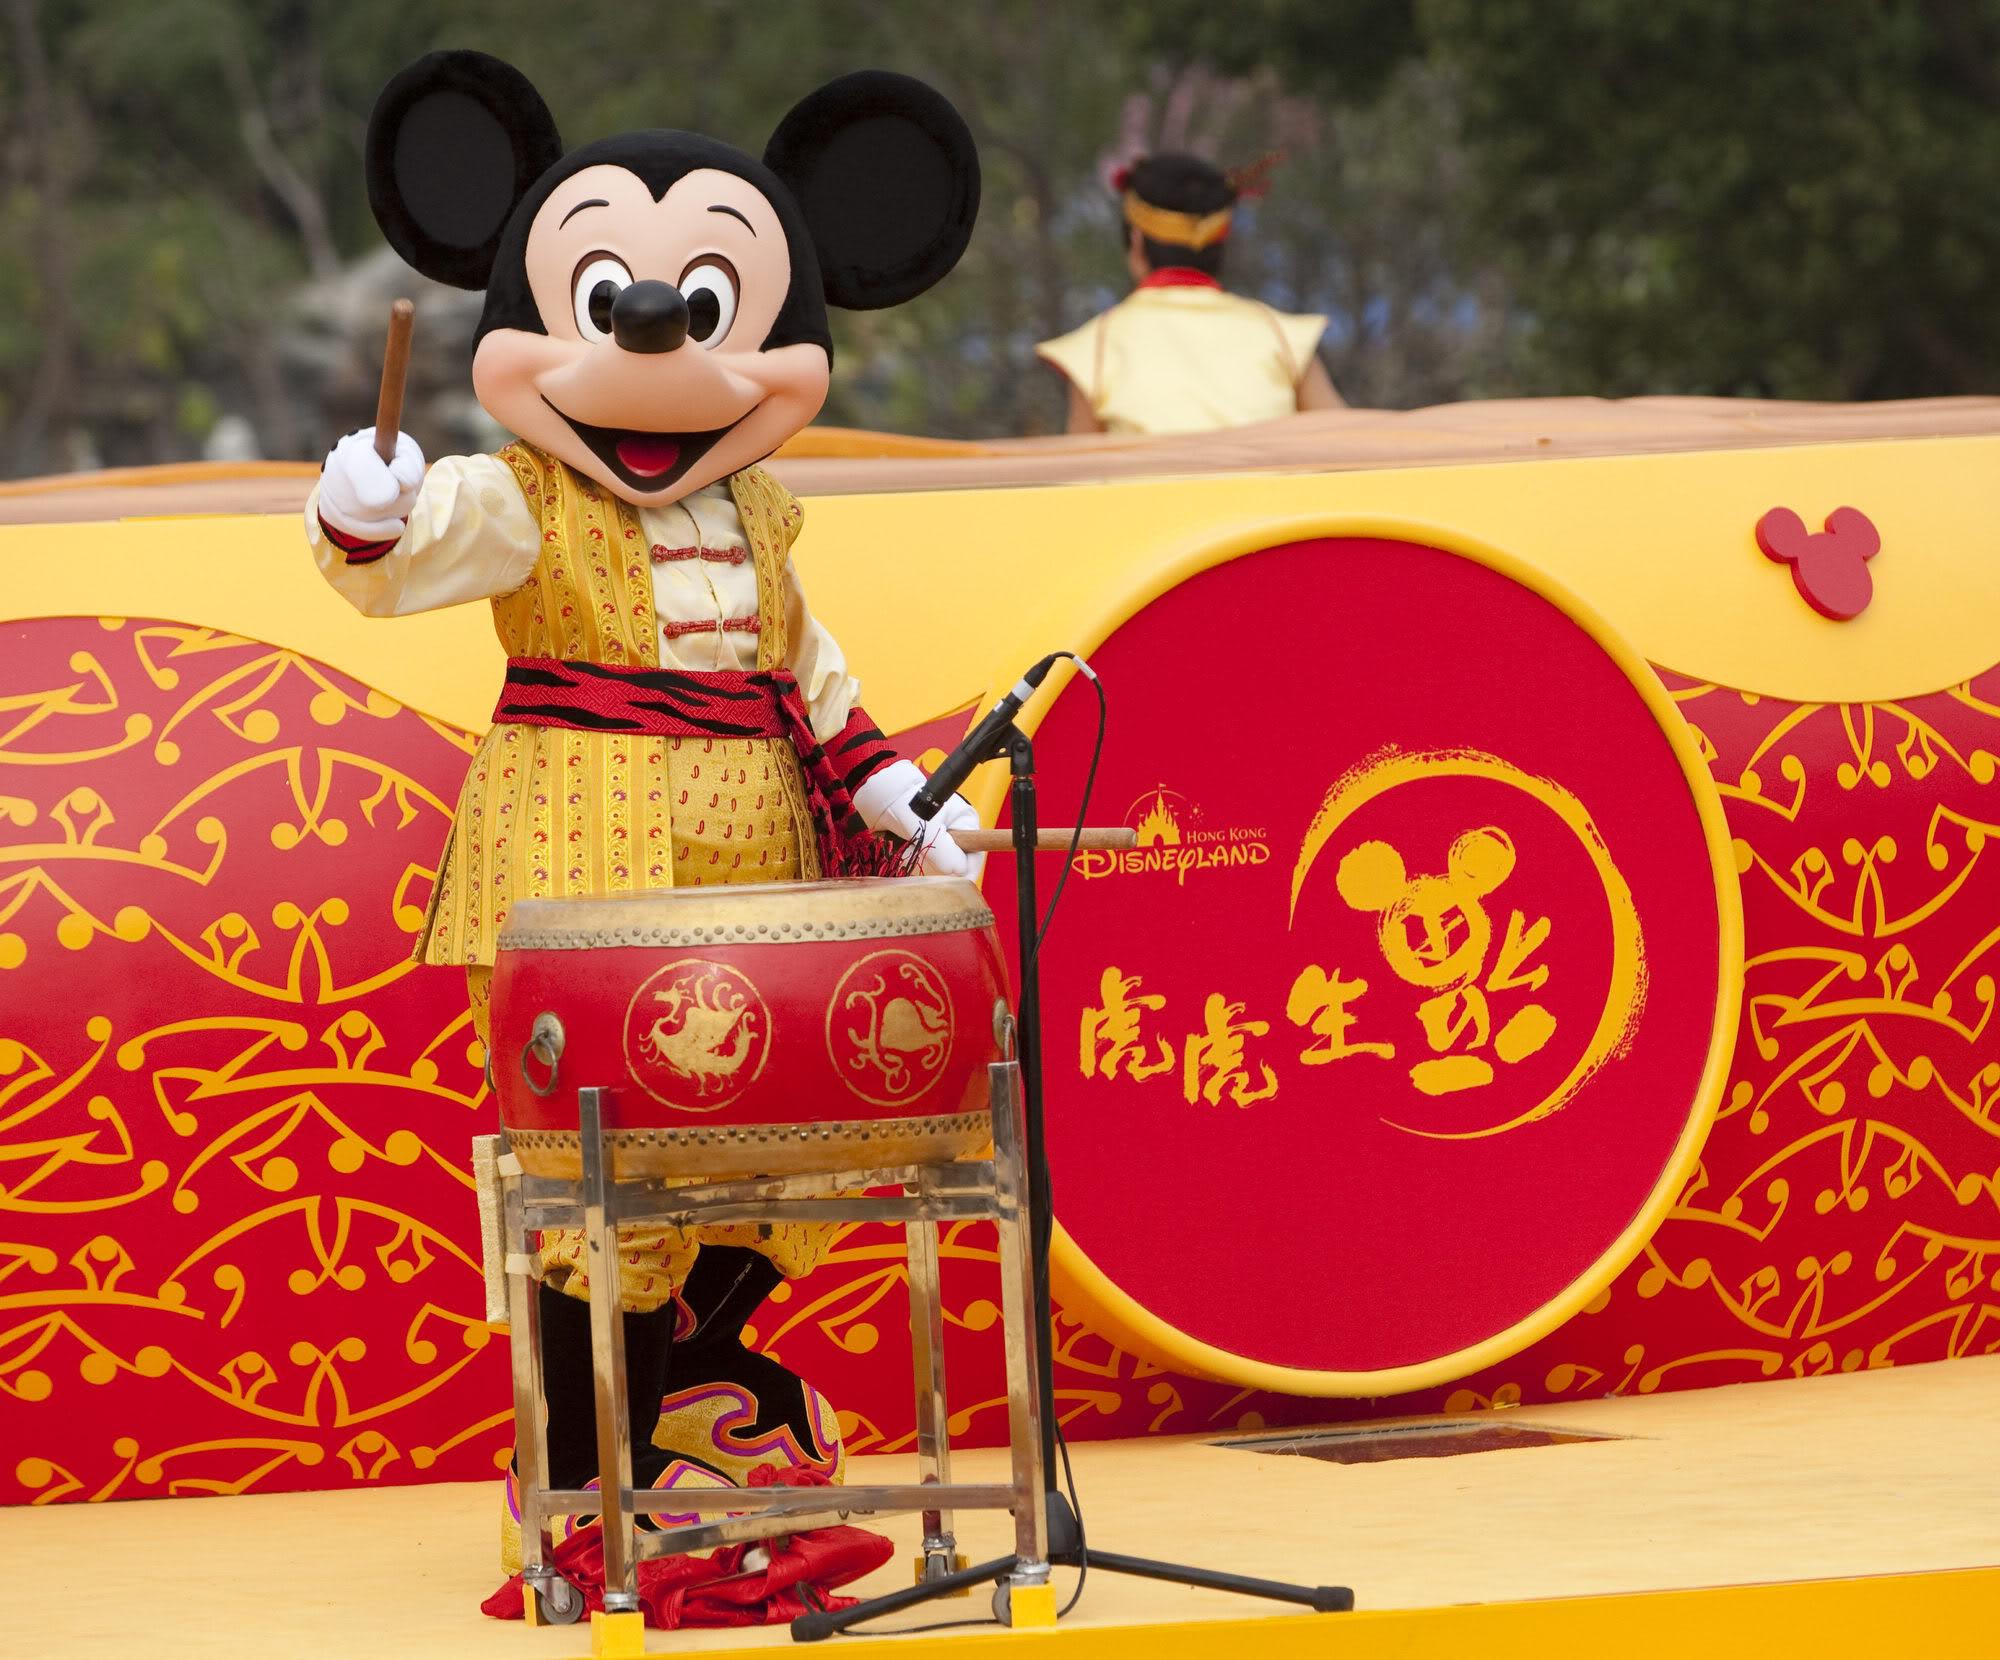 Hong Kong Disneyland CNY